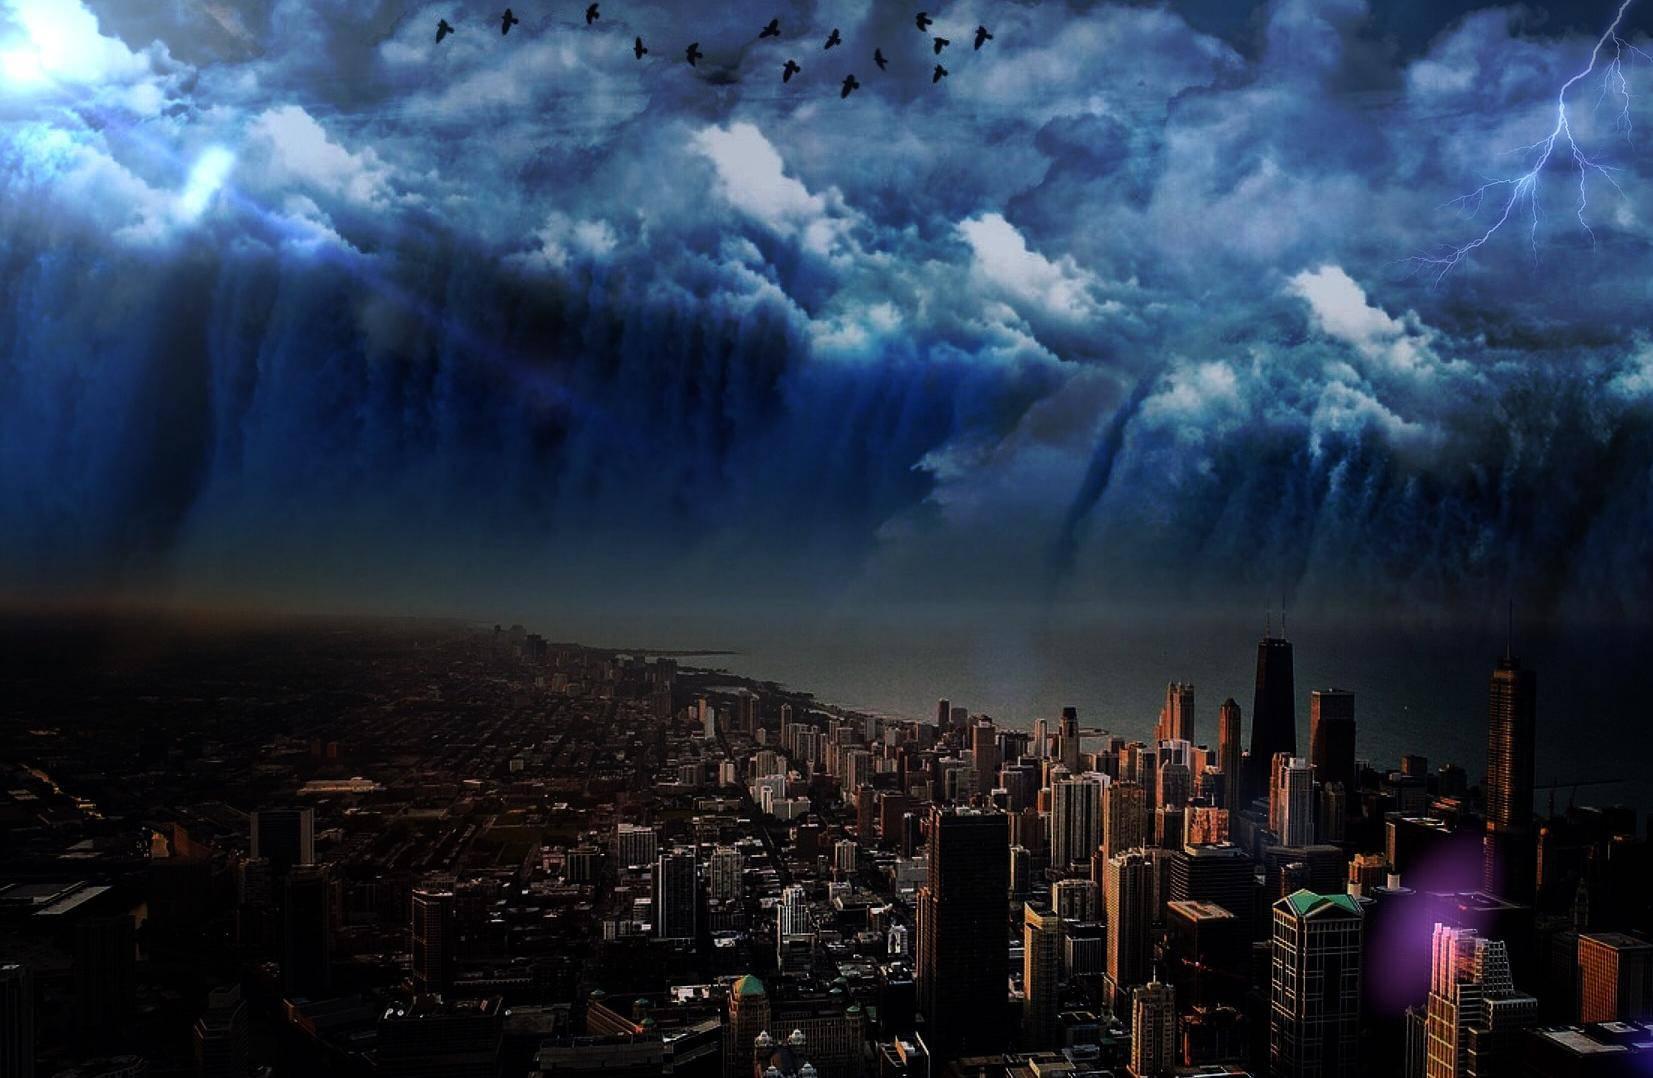 'Ne, neće nestati svijet, već će nestati svijet koji poznajemo...'